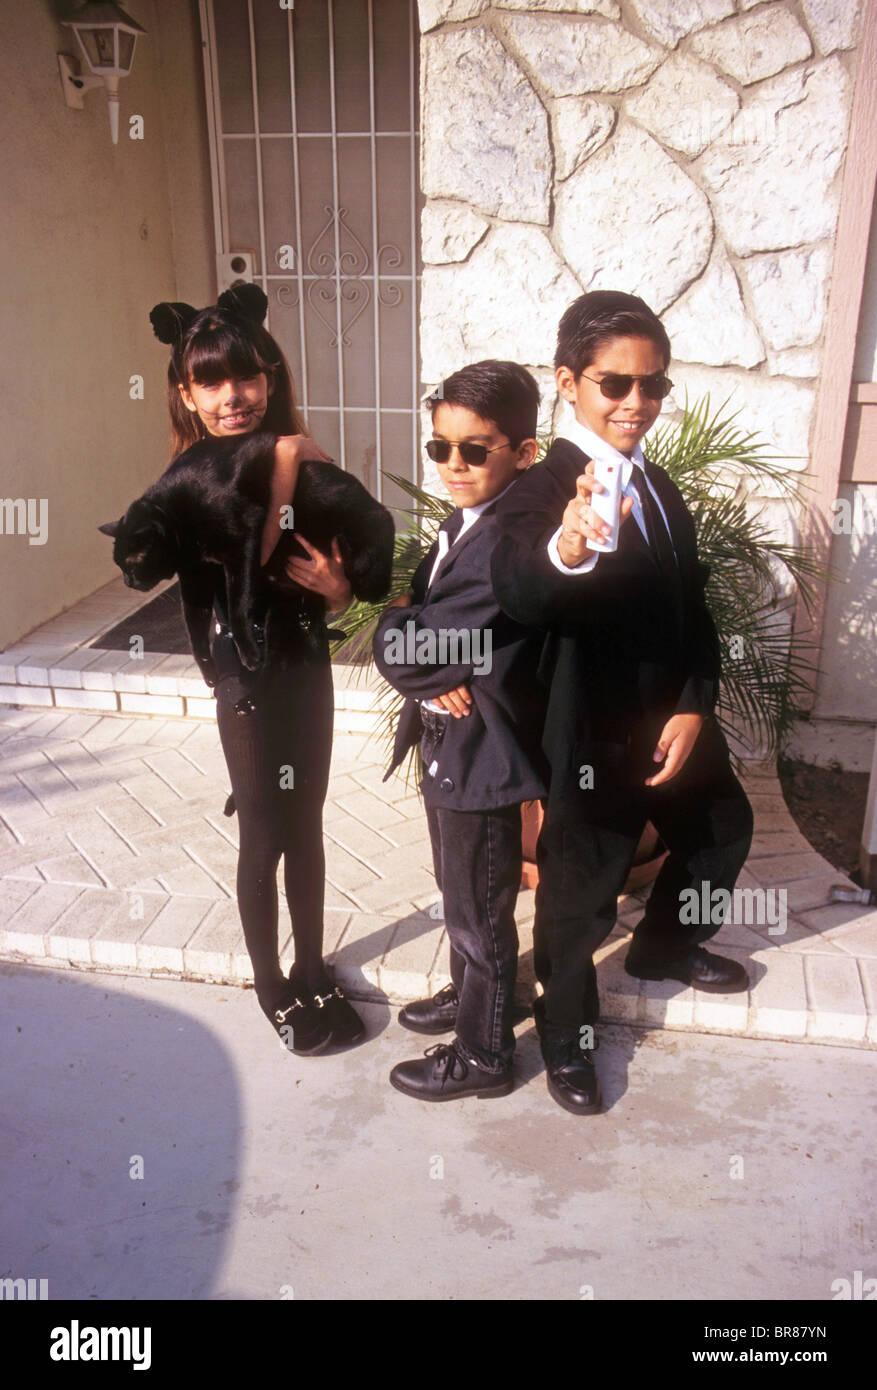 Kinder Kind junge Mädchen Halloween Kostüm Spaß Erholung Partei ...